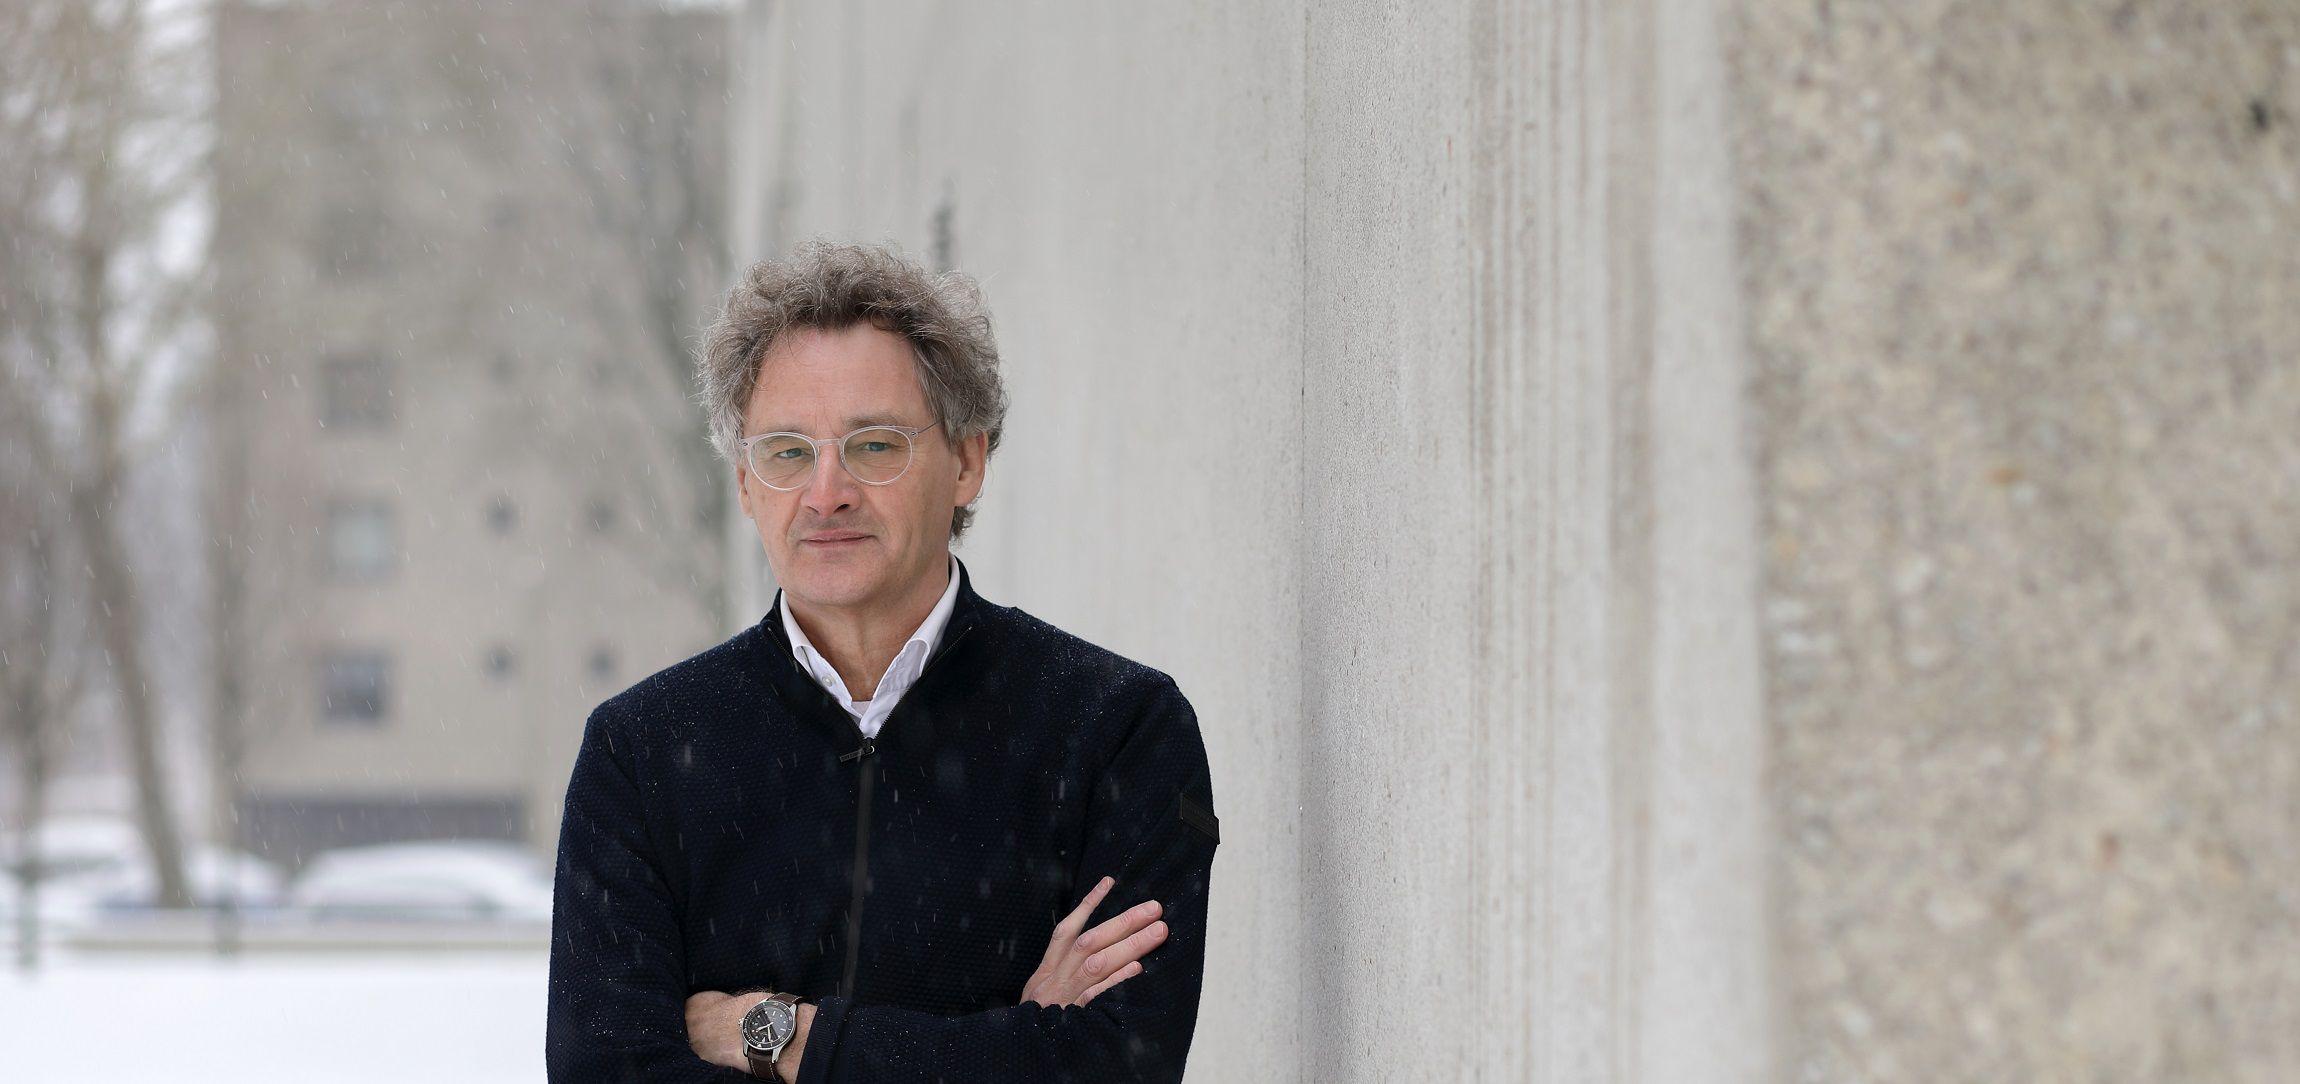 Peter van der Velden Leonie van der Locht Huijbers 2019 4